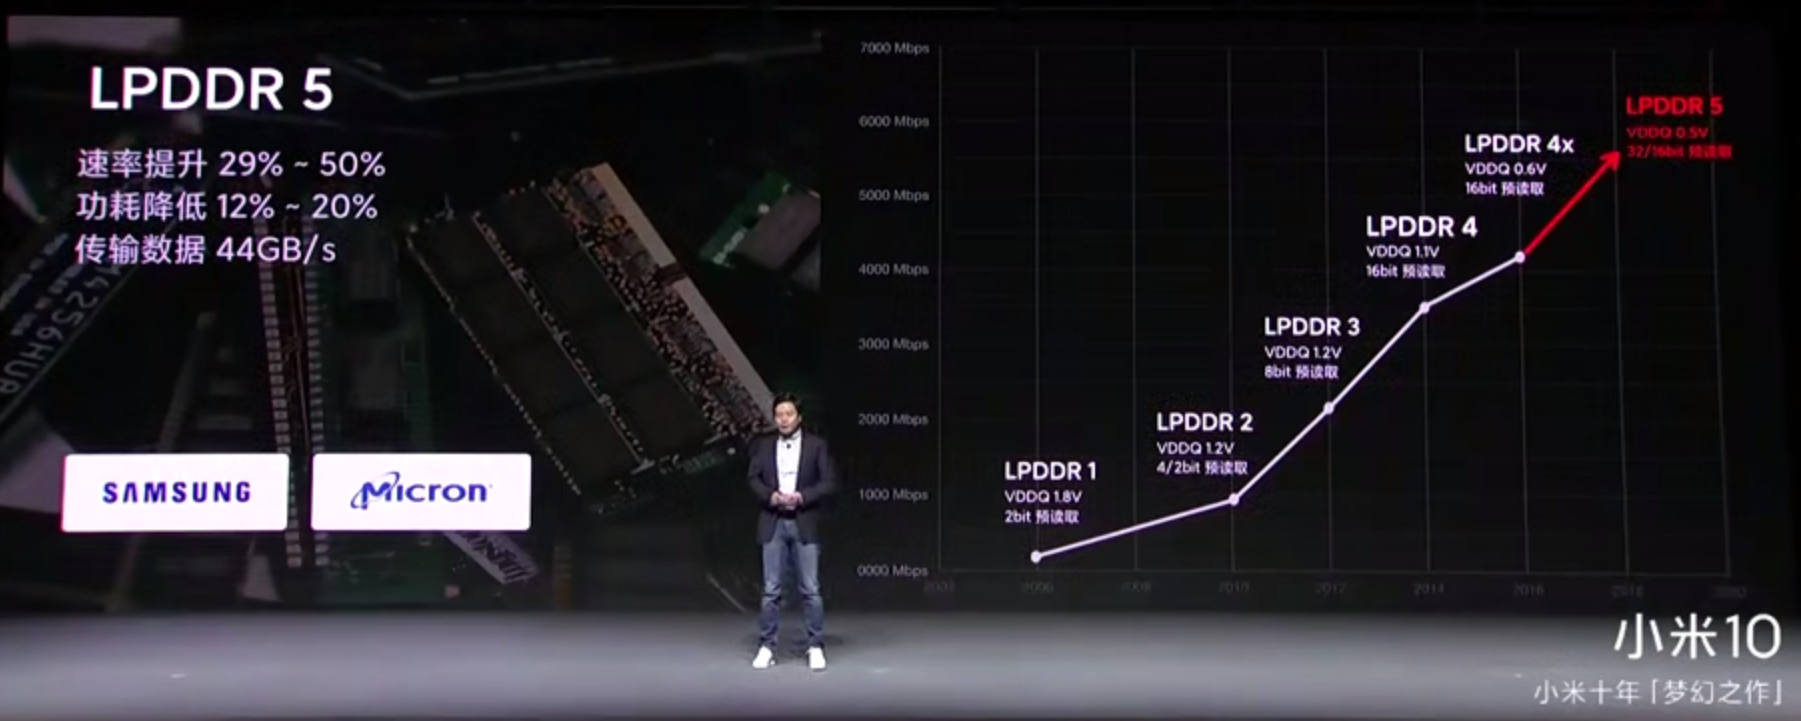 旗艦手機都在用的LPDDR5是什么,能為消費者帶來什么價值?